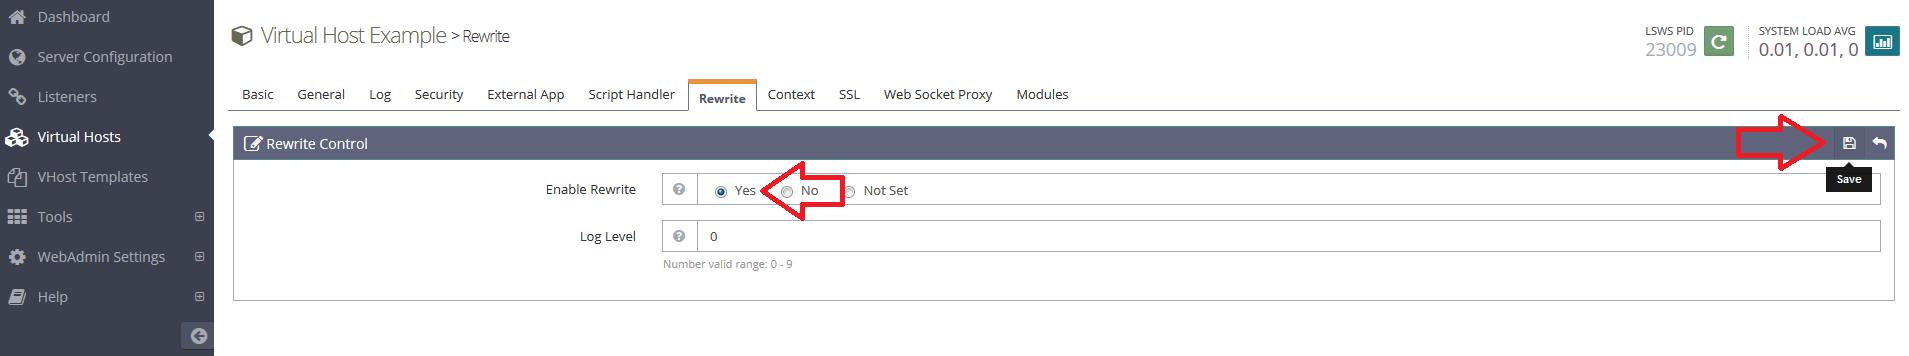 Install WordPress with OpenLiteSpeed on Ubuntu 16.04